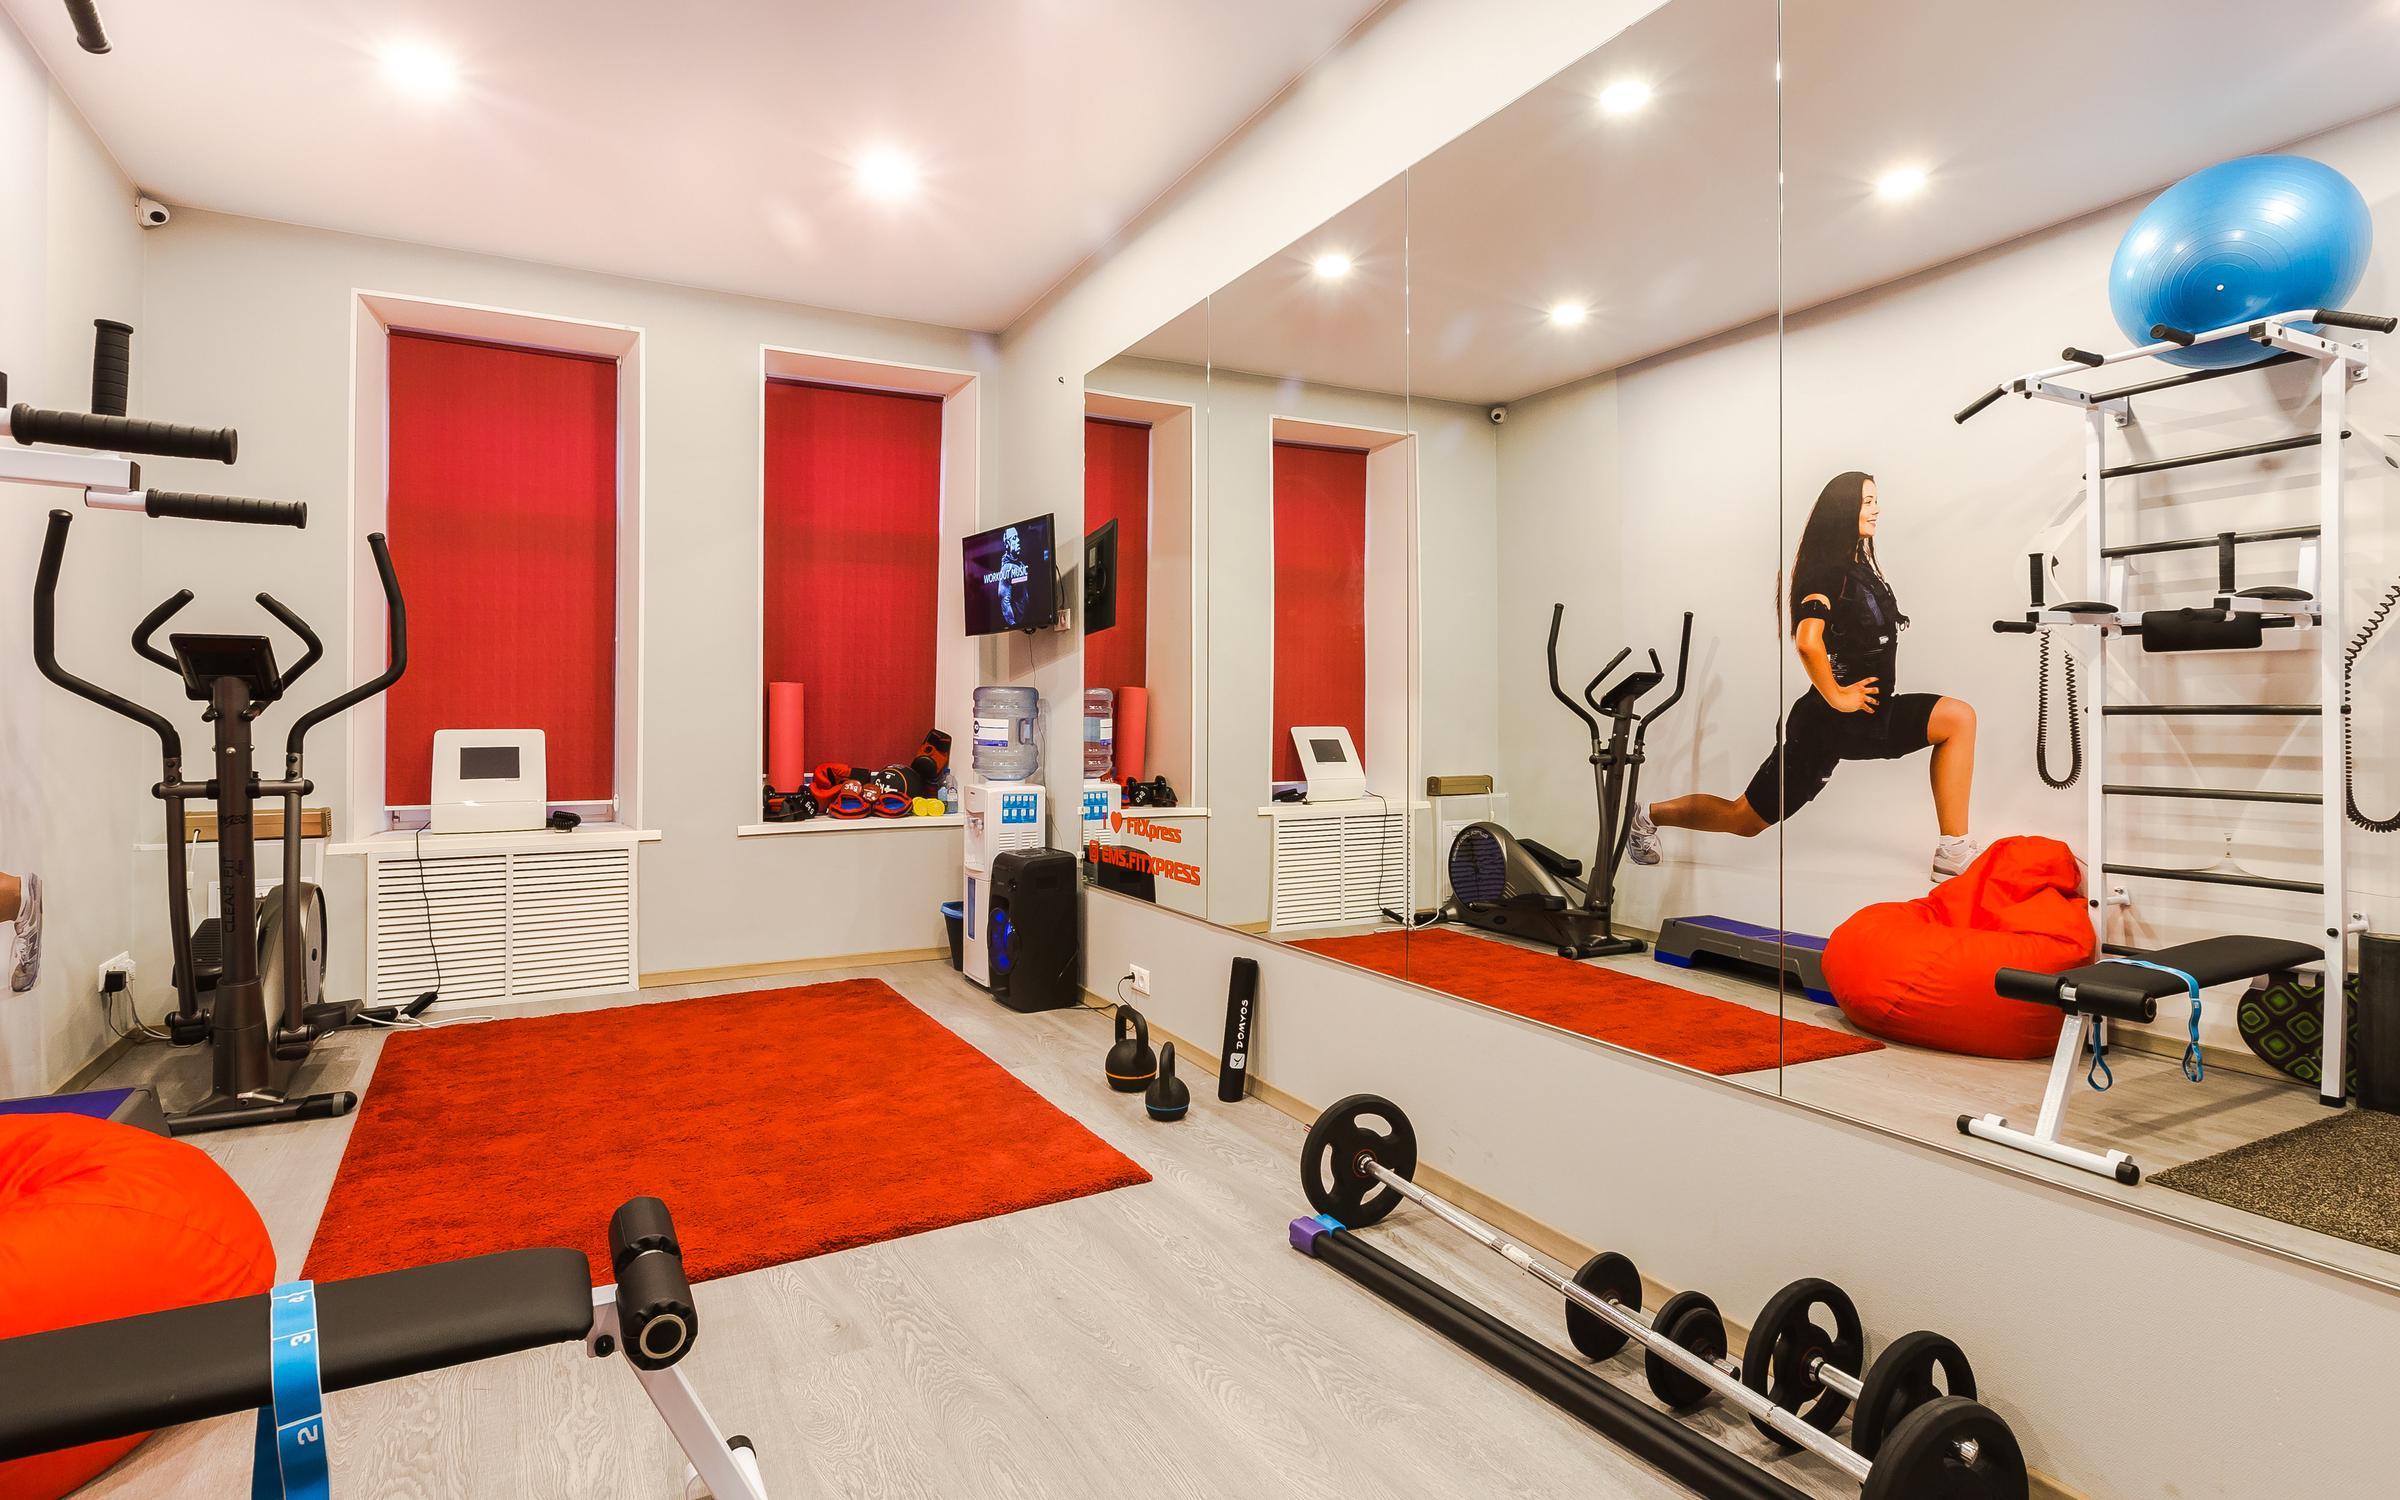 Москва ближайшие станции метро: тренажерный зал uni-gym тренажерный зал.